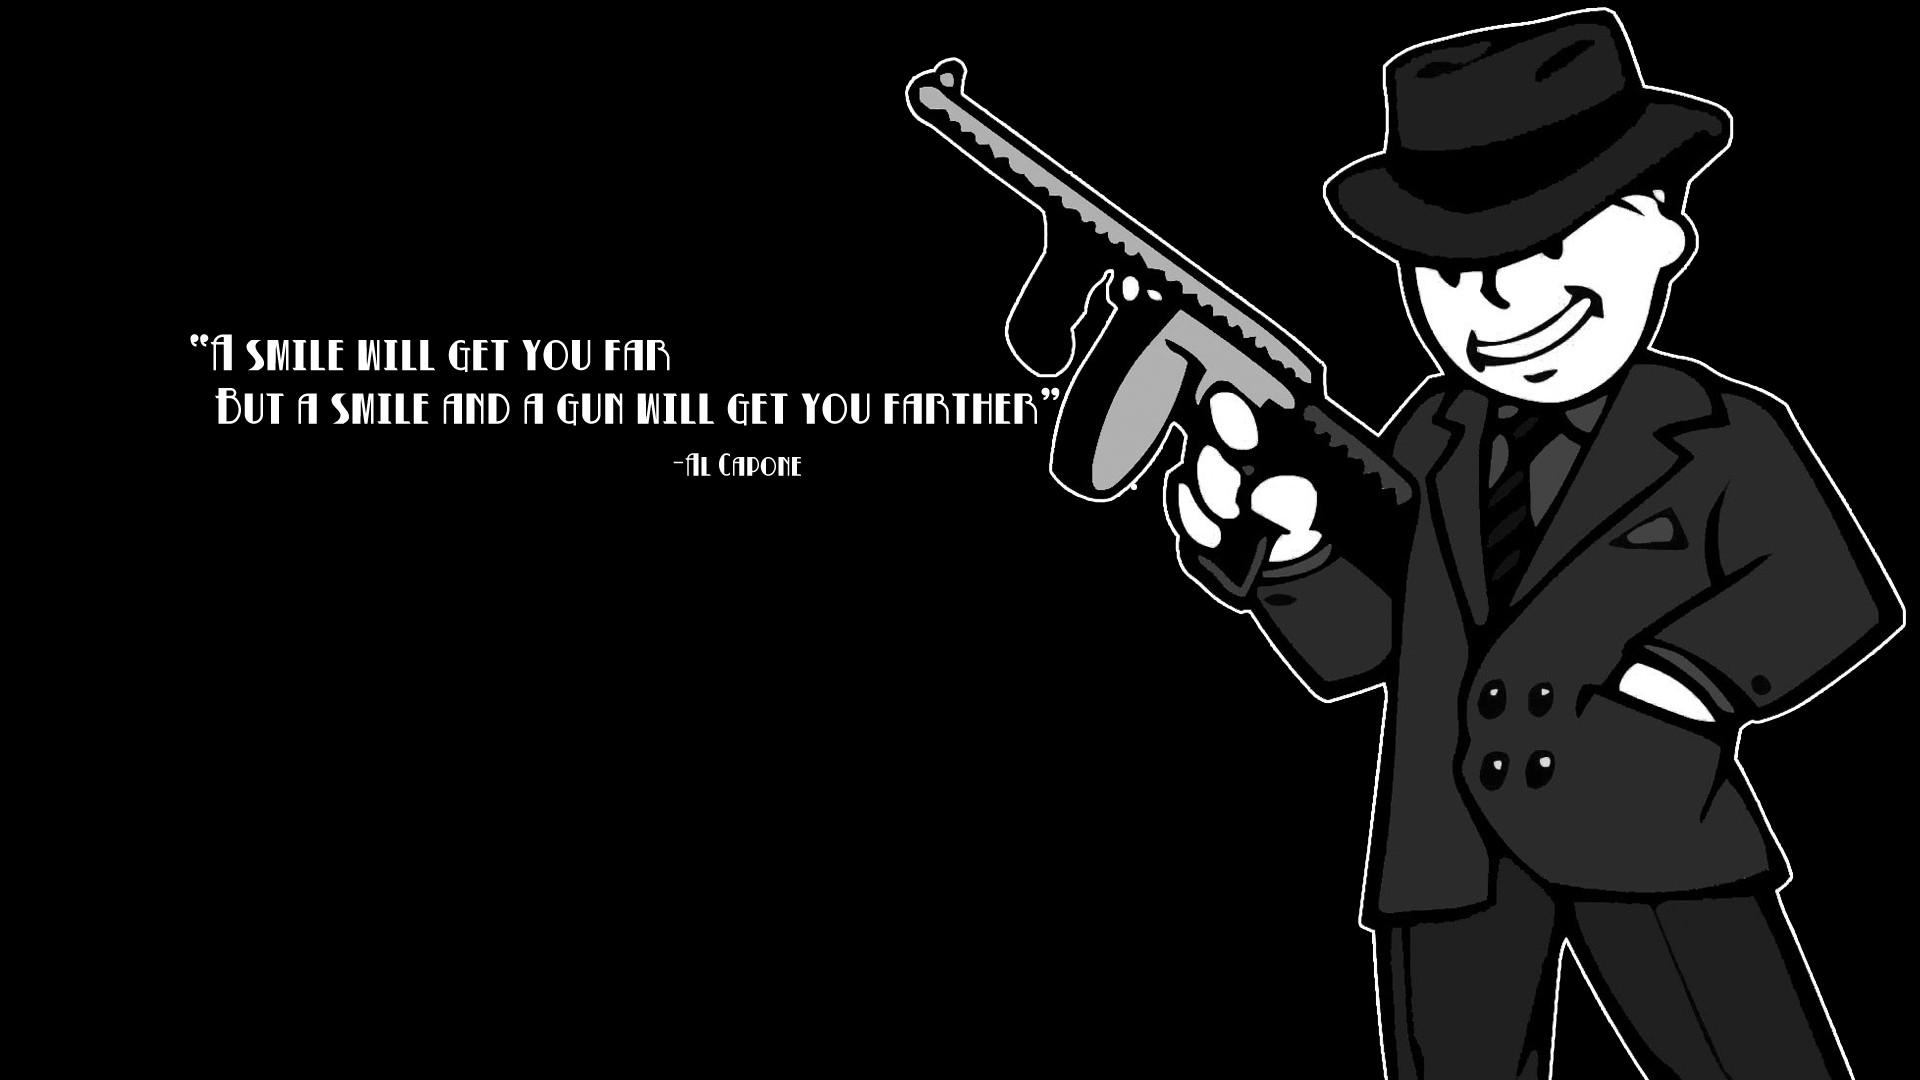 FALLOUT weapon gun text quote dark wallpaper     153216    WallpaperUP